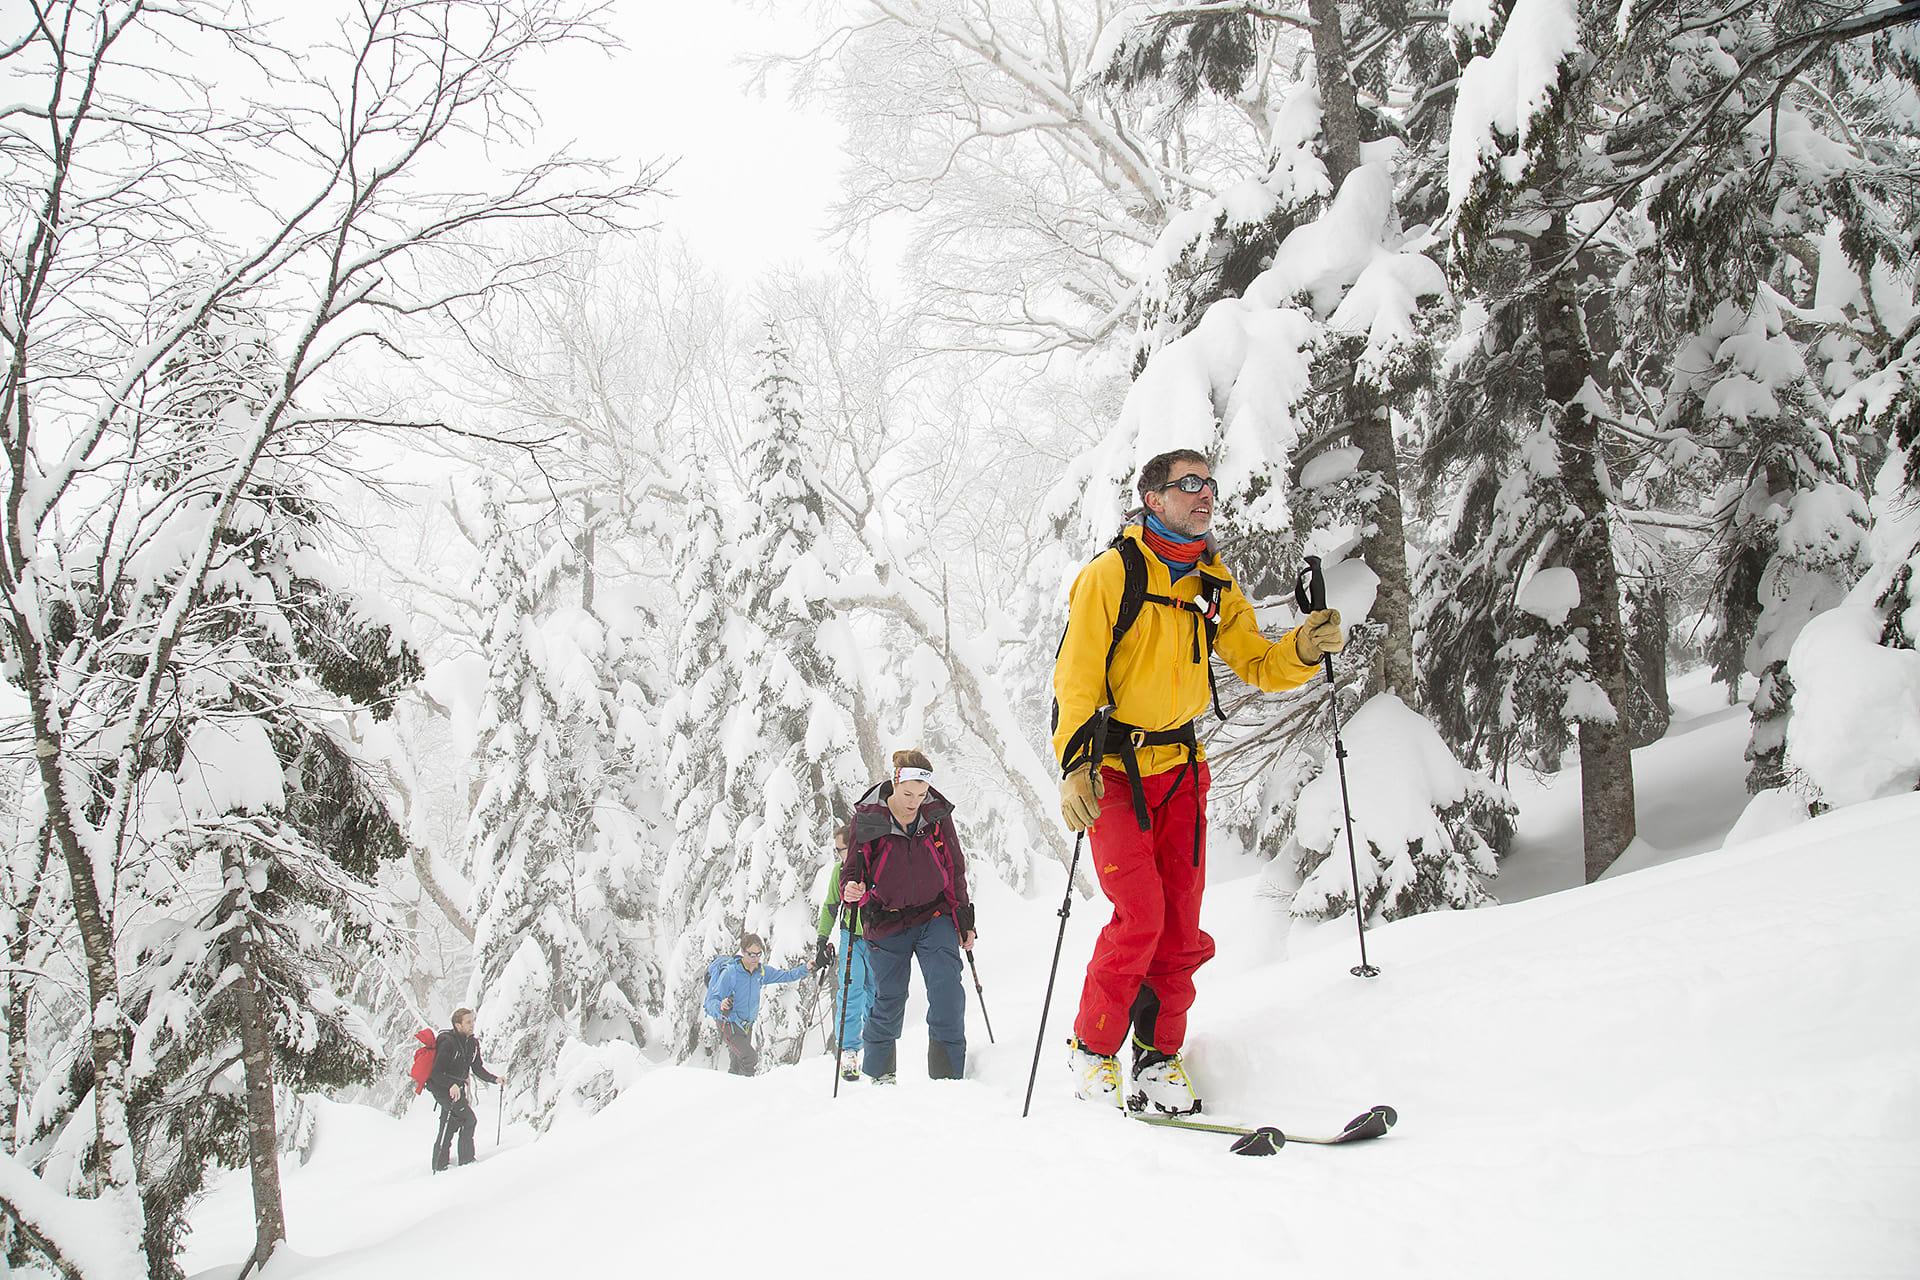 Bergsguiden Christian Edelstam guidar gruppen upp genom snötyngda träd.